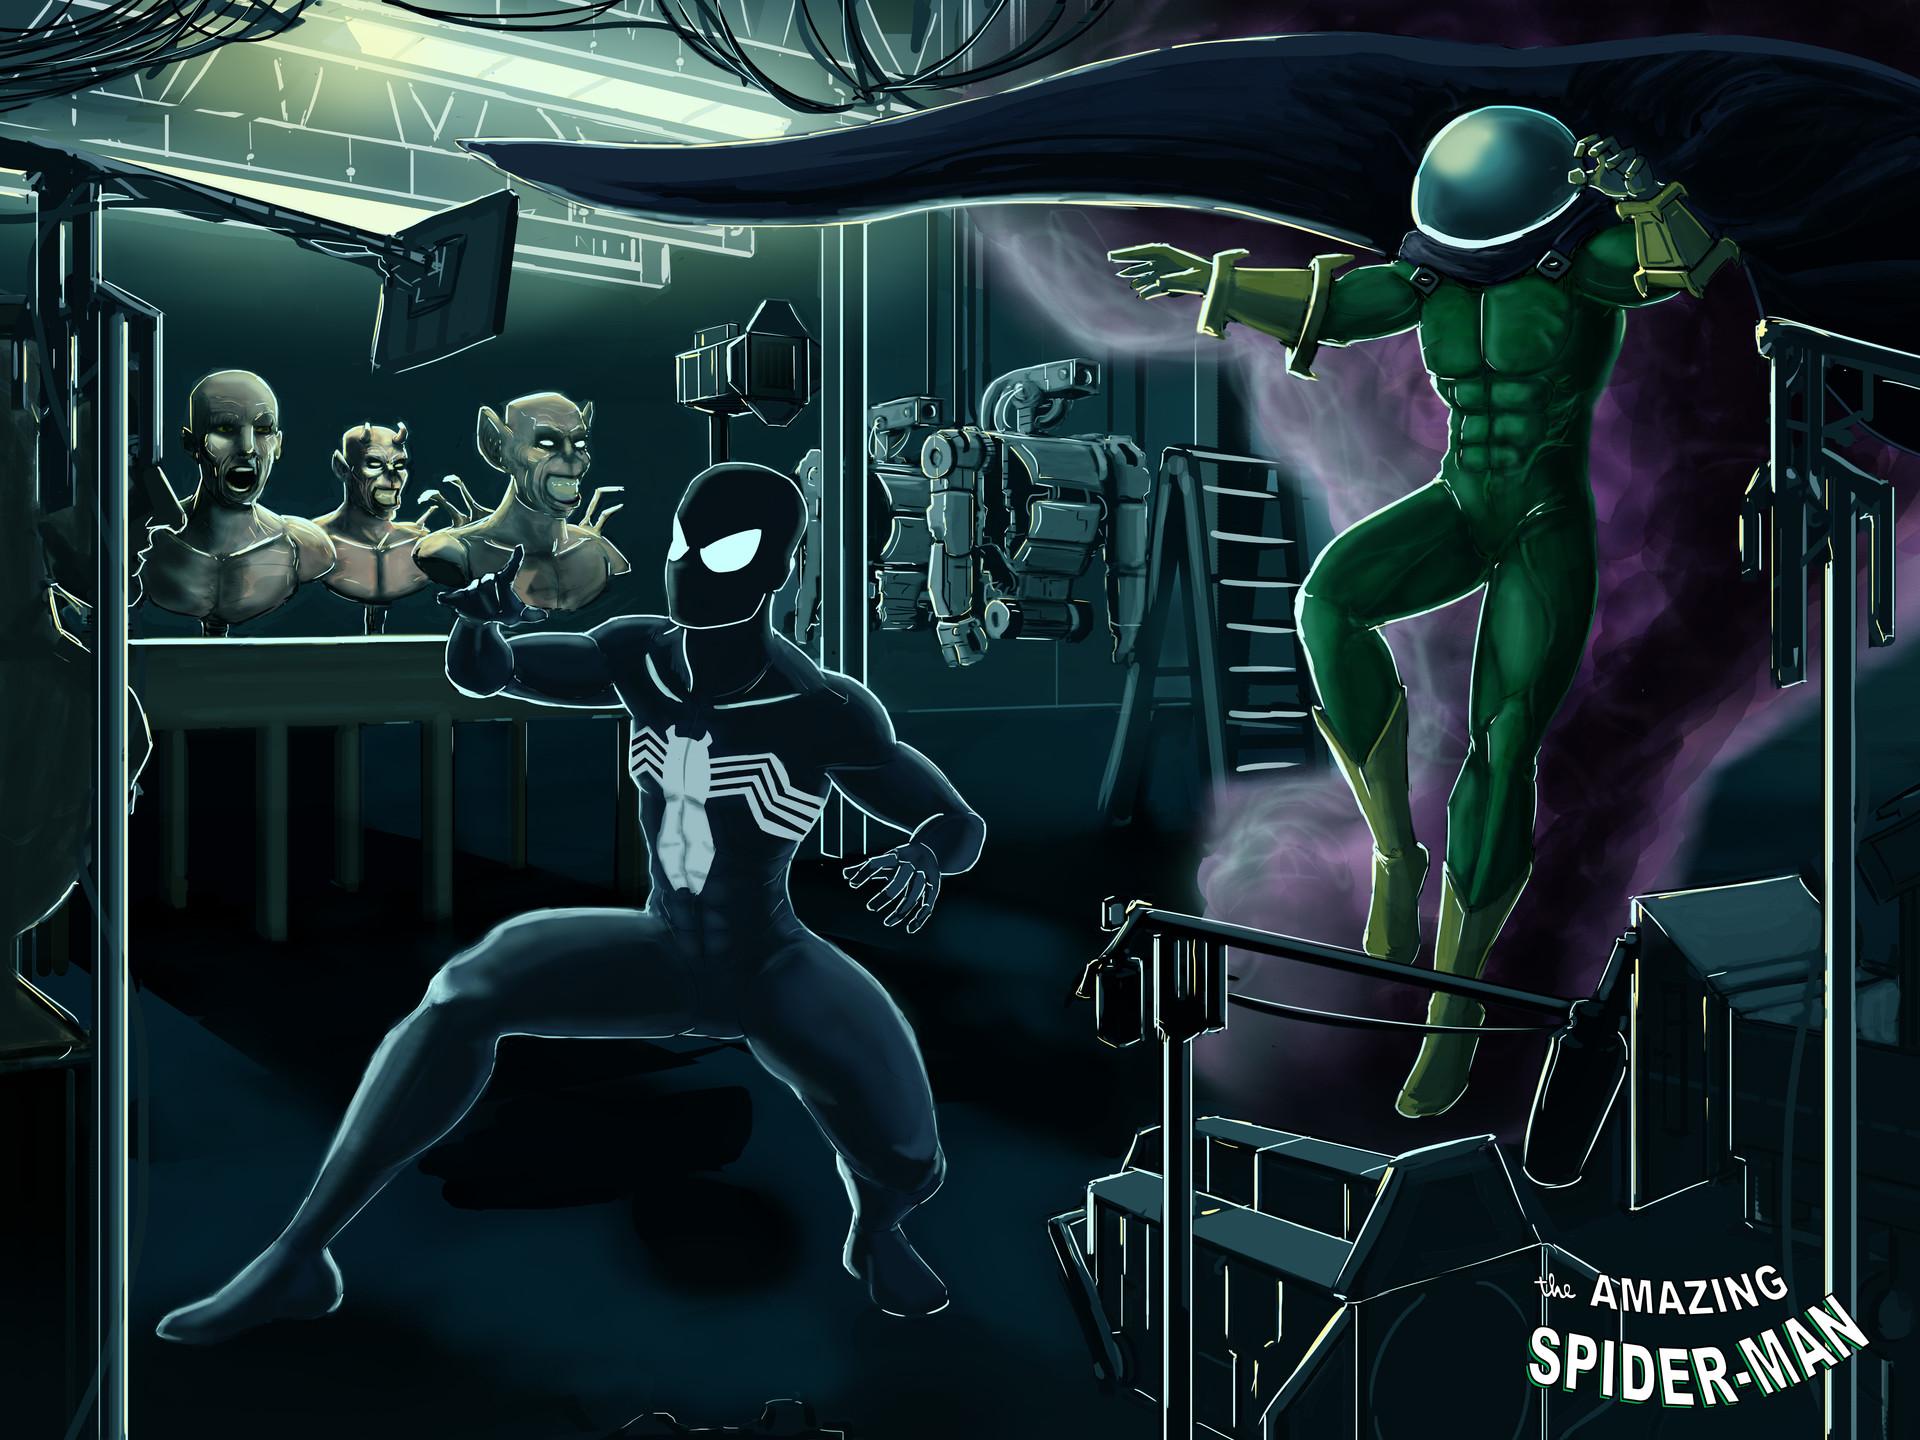 Spiderman vs Mysterio